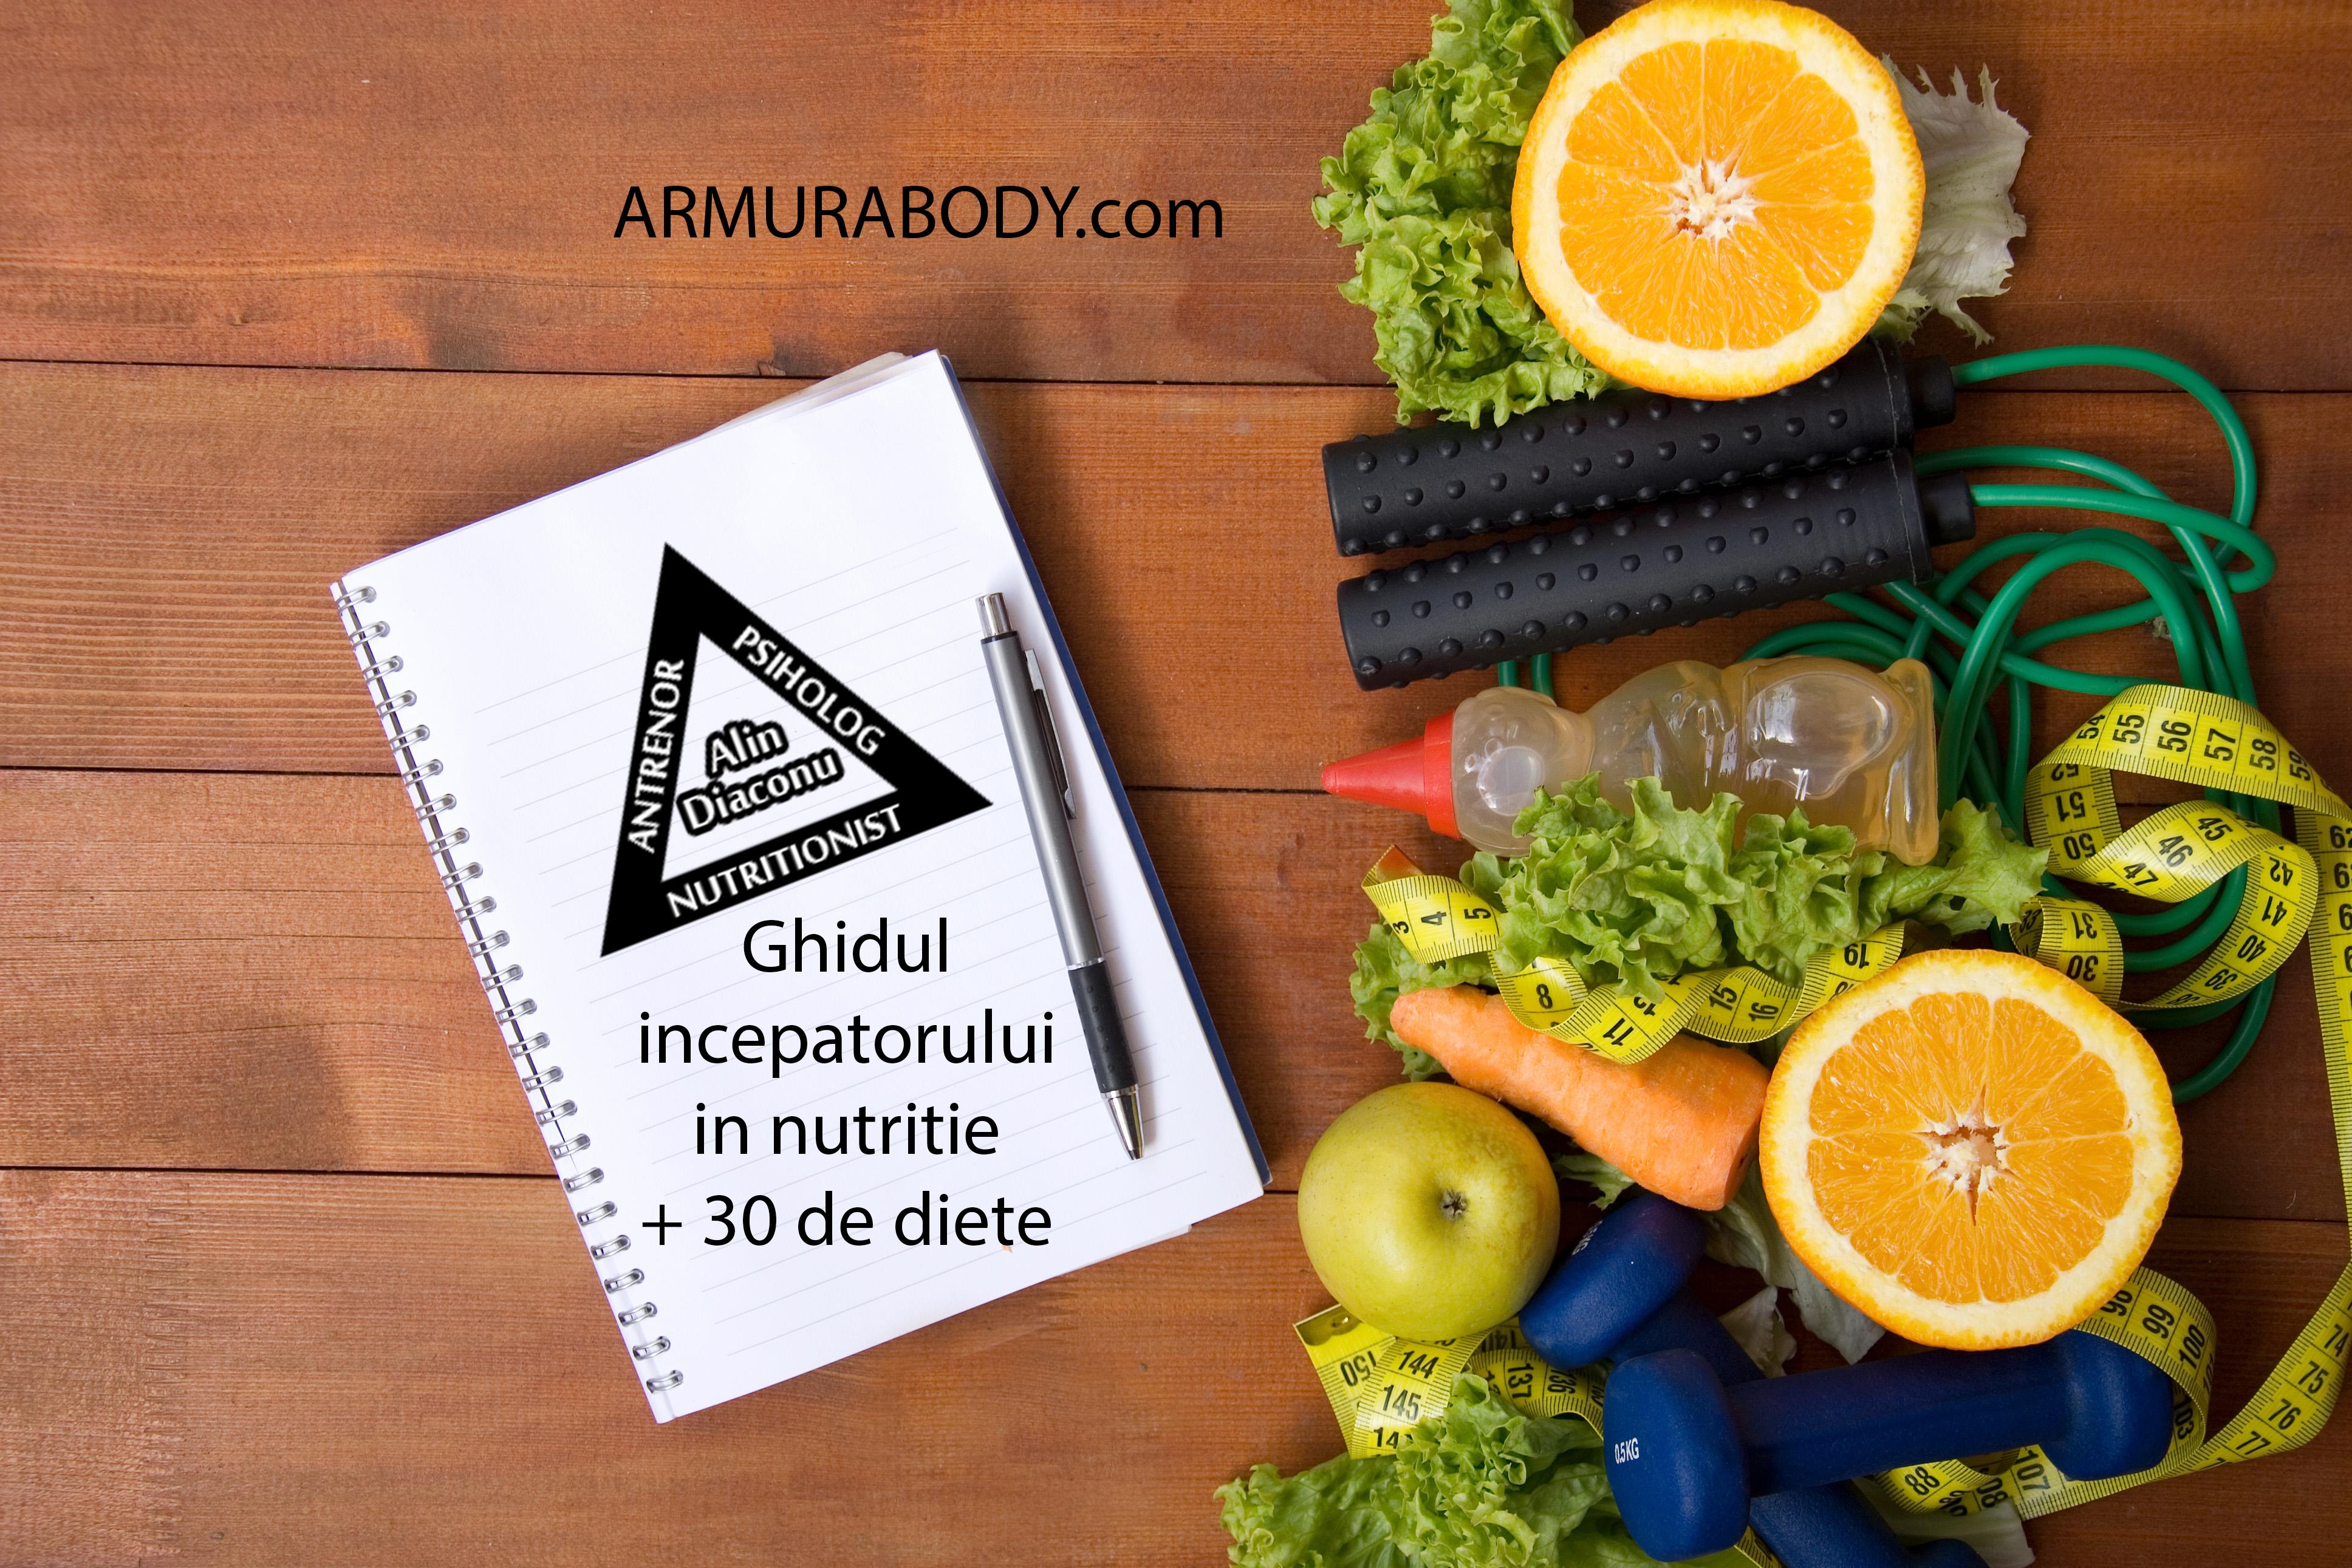 Ghidul incepatorilor in nutritie+30 diete